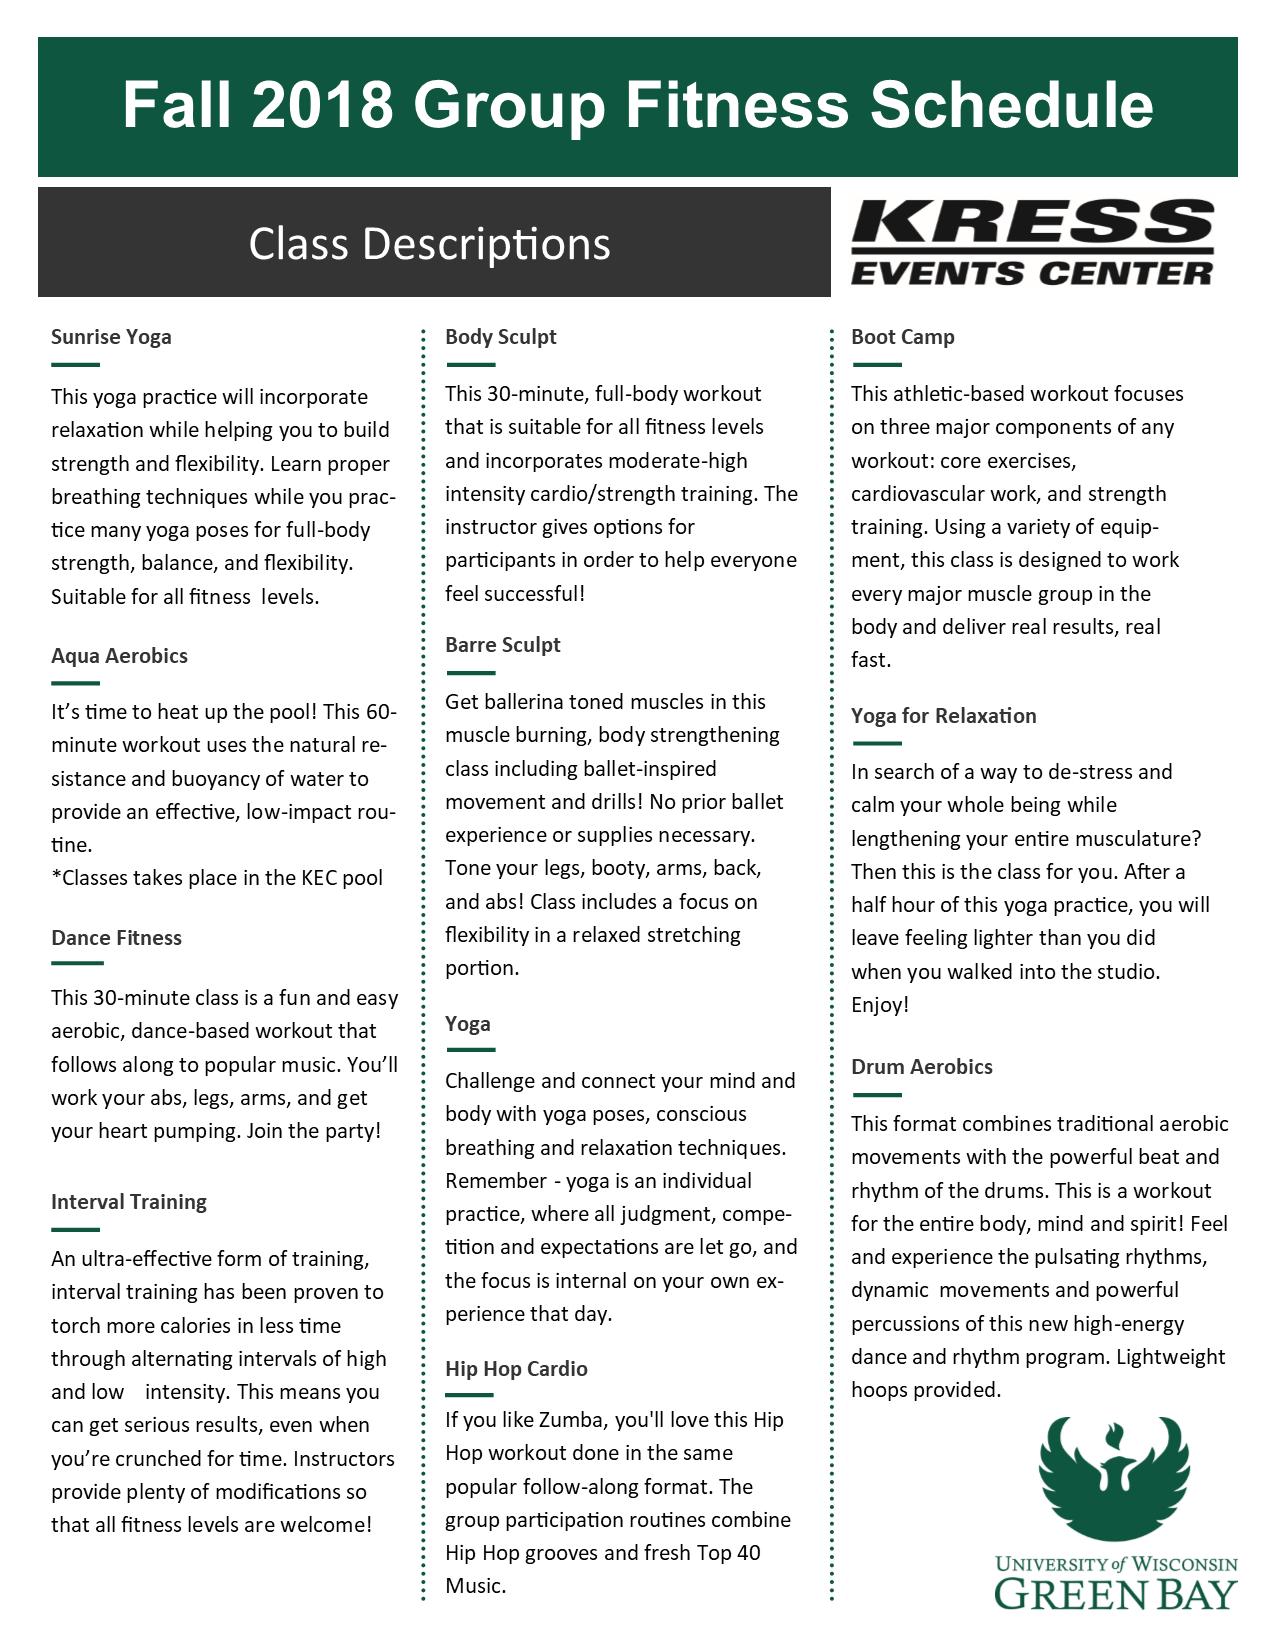 kress events center - uw-green bay